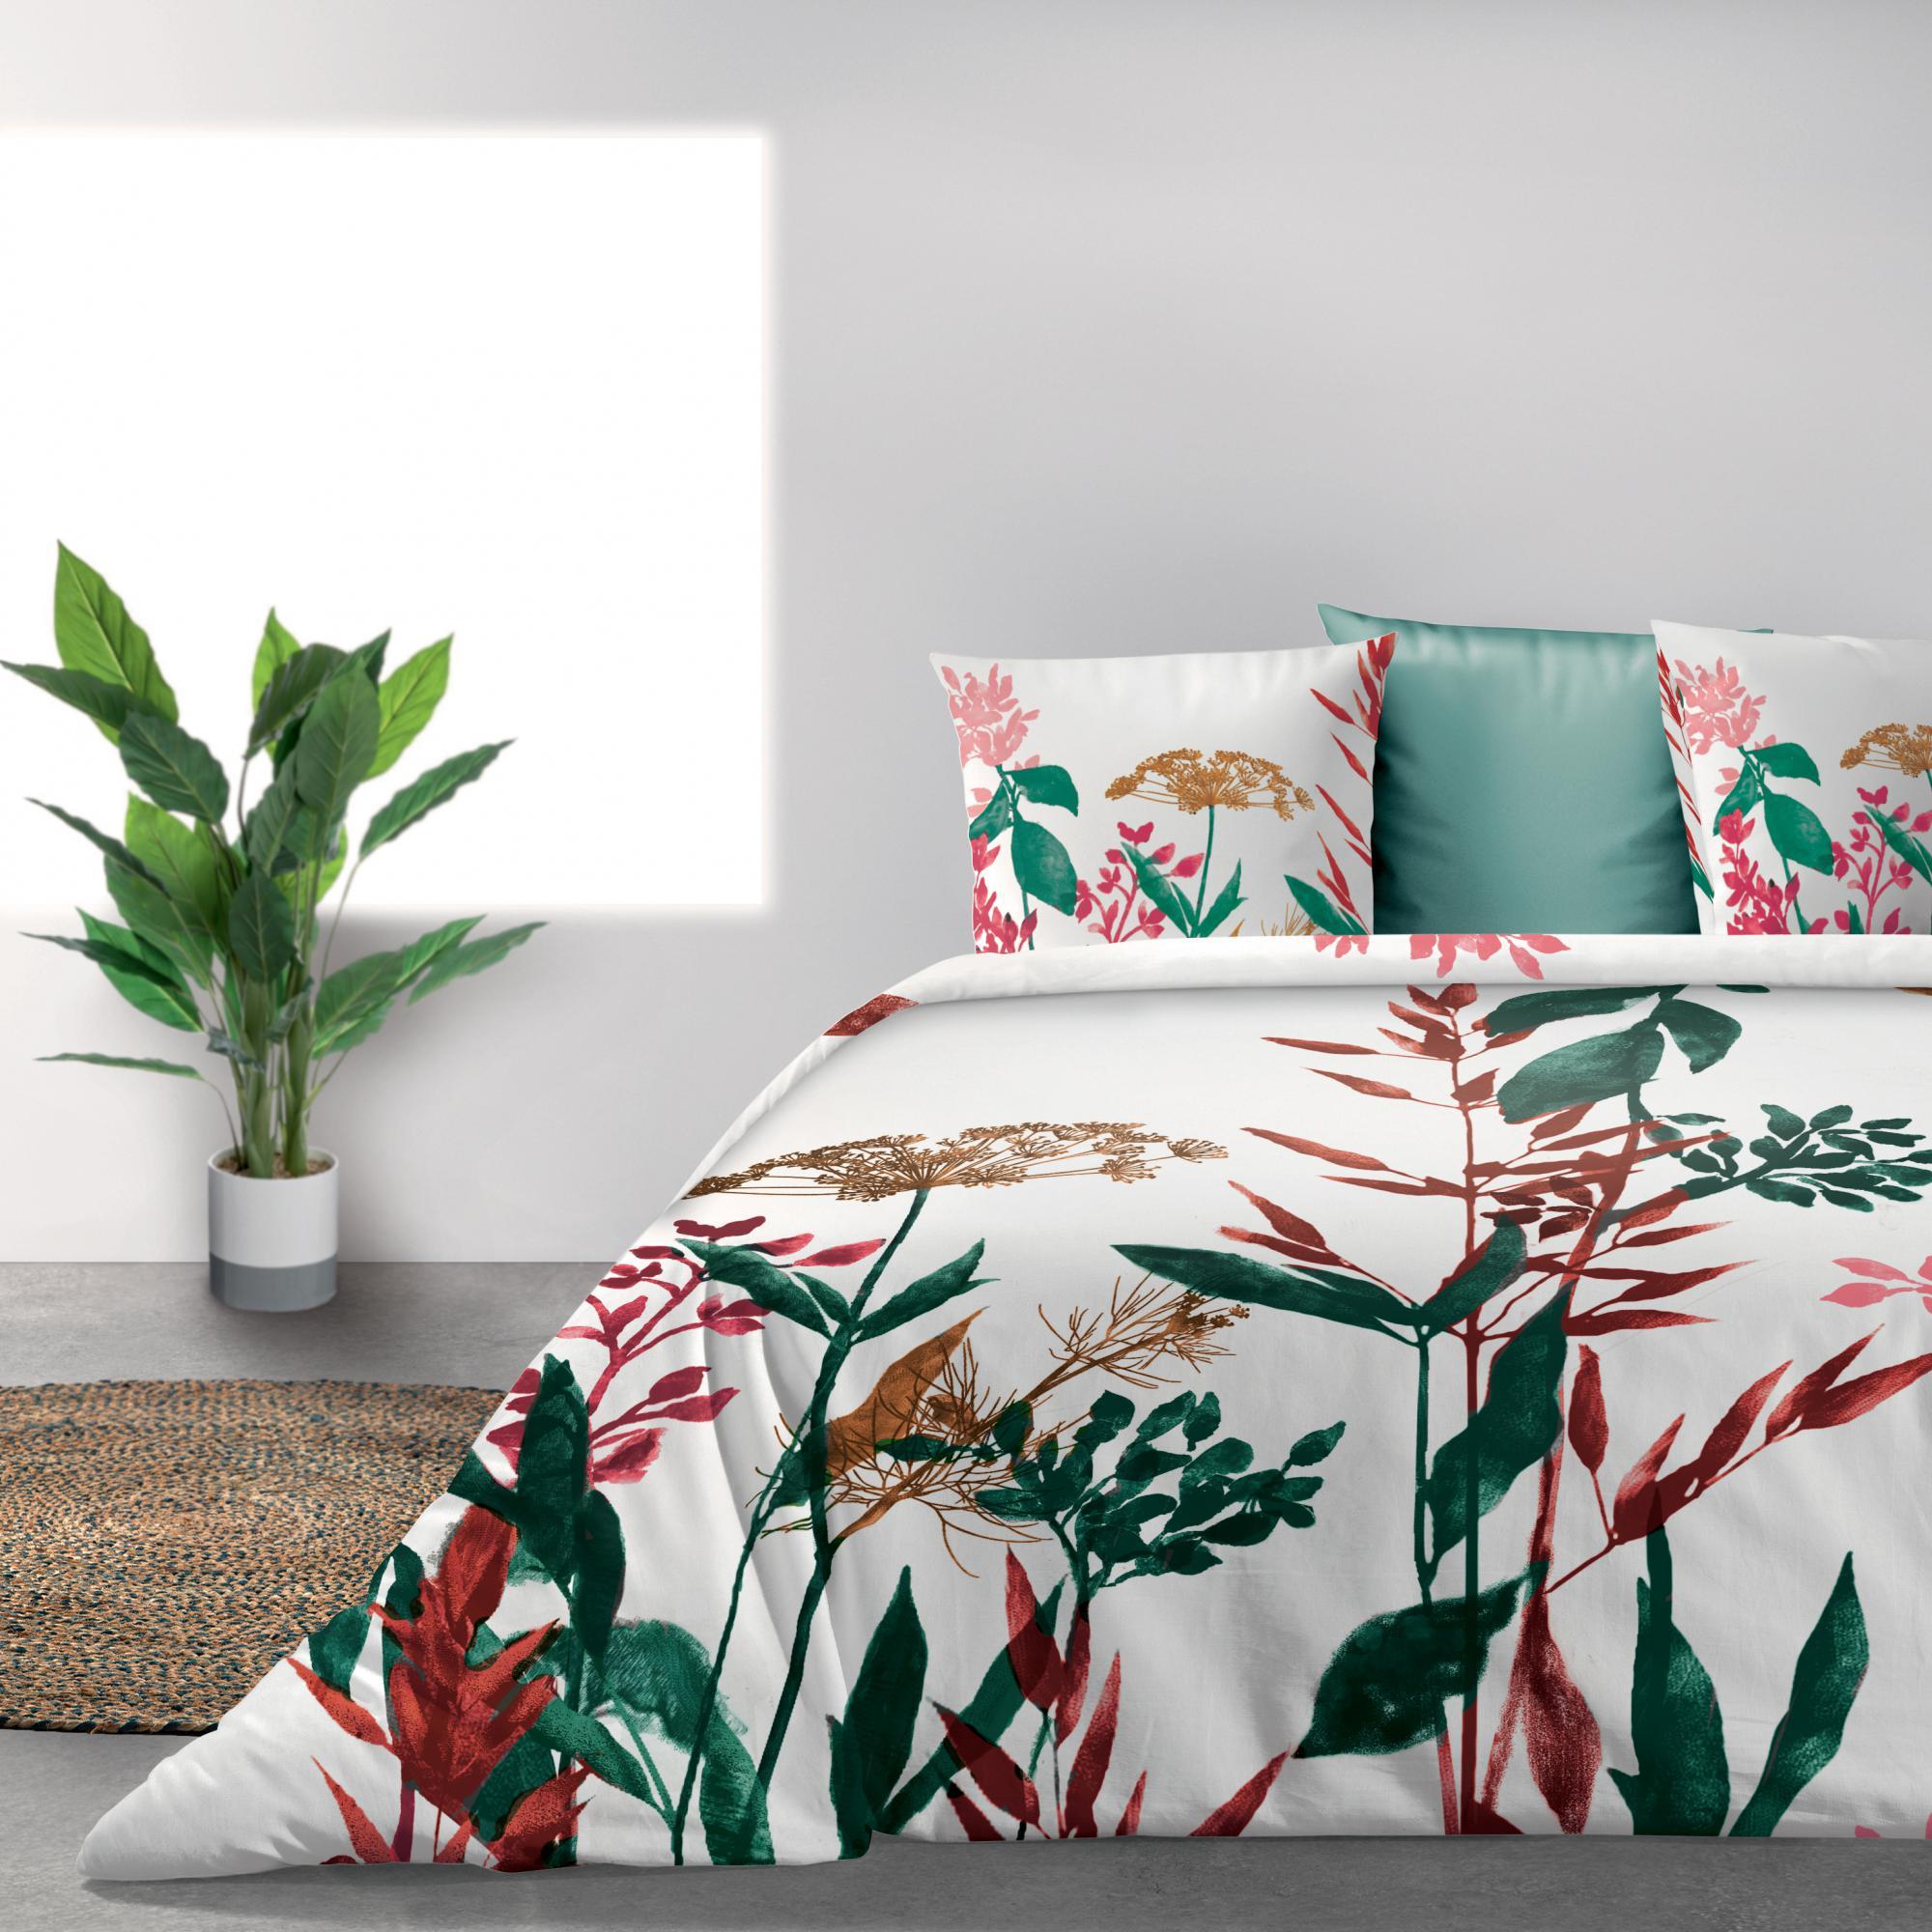 Parure de lit Bio 2 personnes Herbier avec housse de couette et taies d'oreiller Imprimé 240 x 220